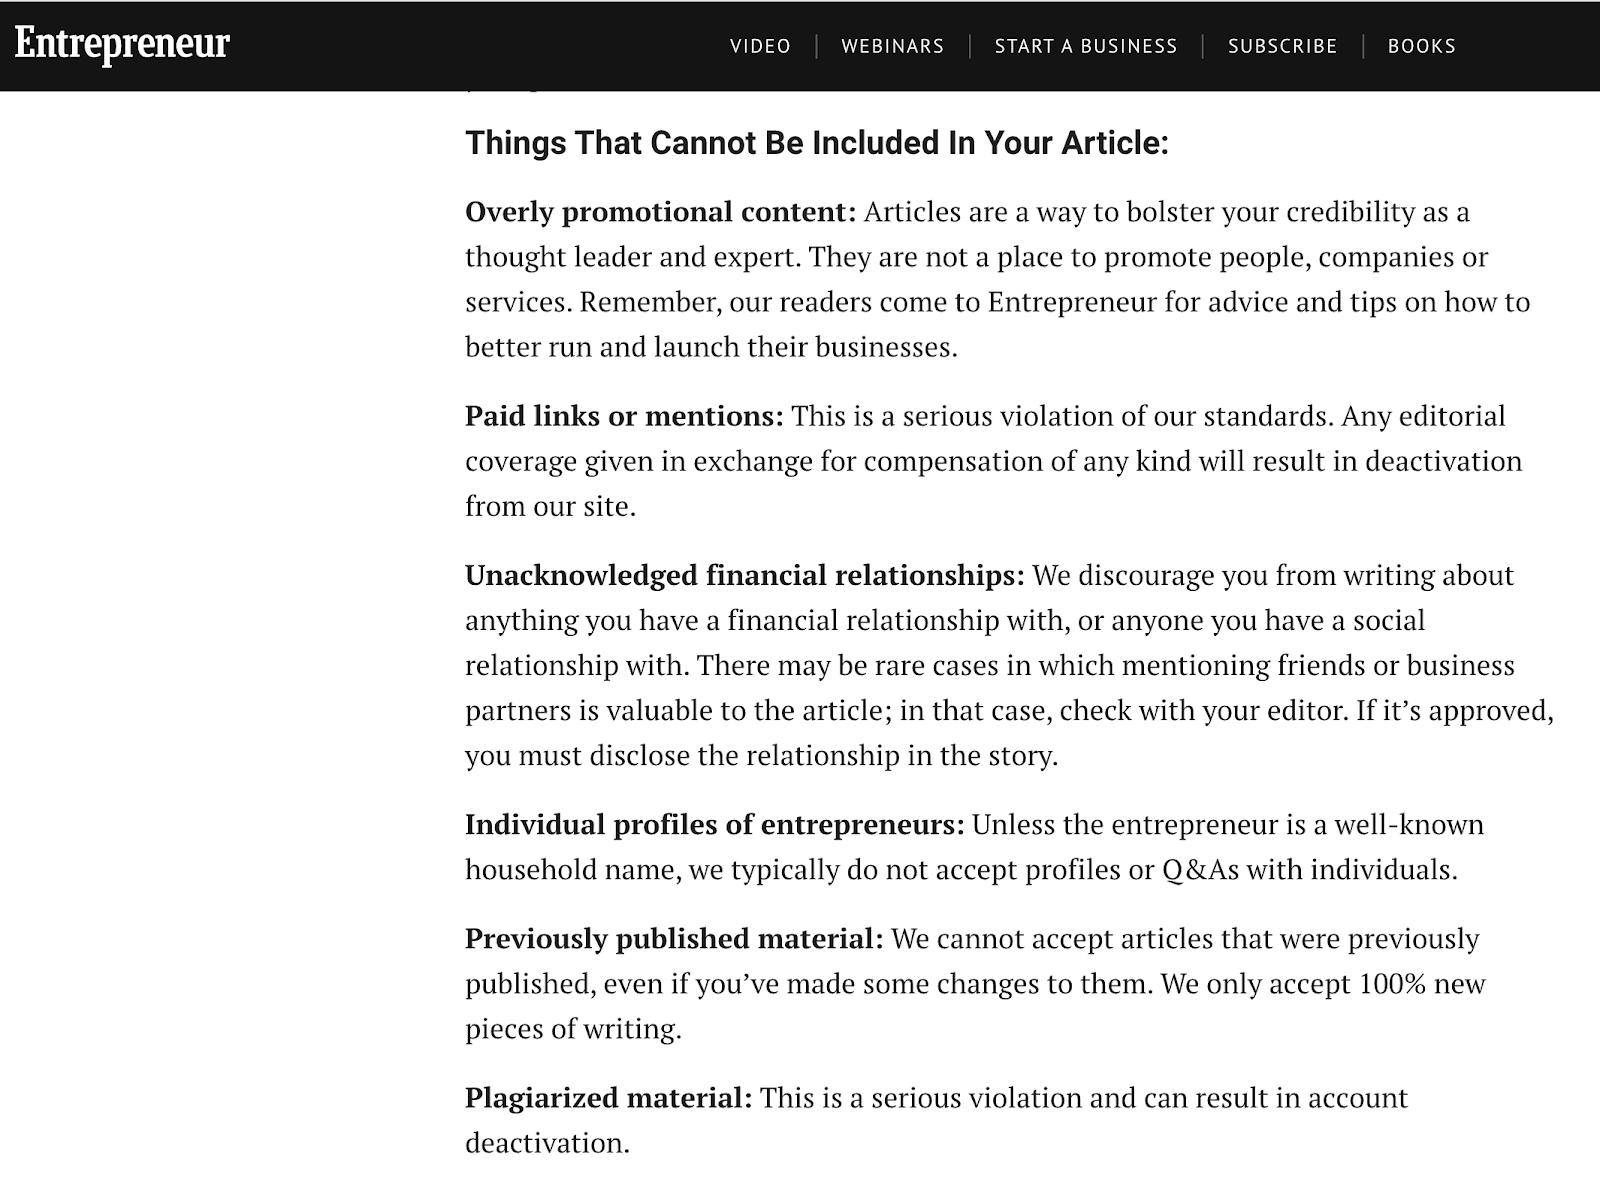 Entrepreneur content rules